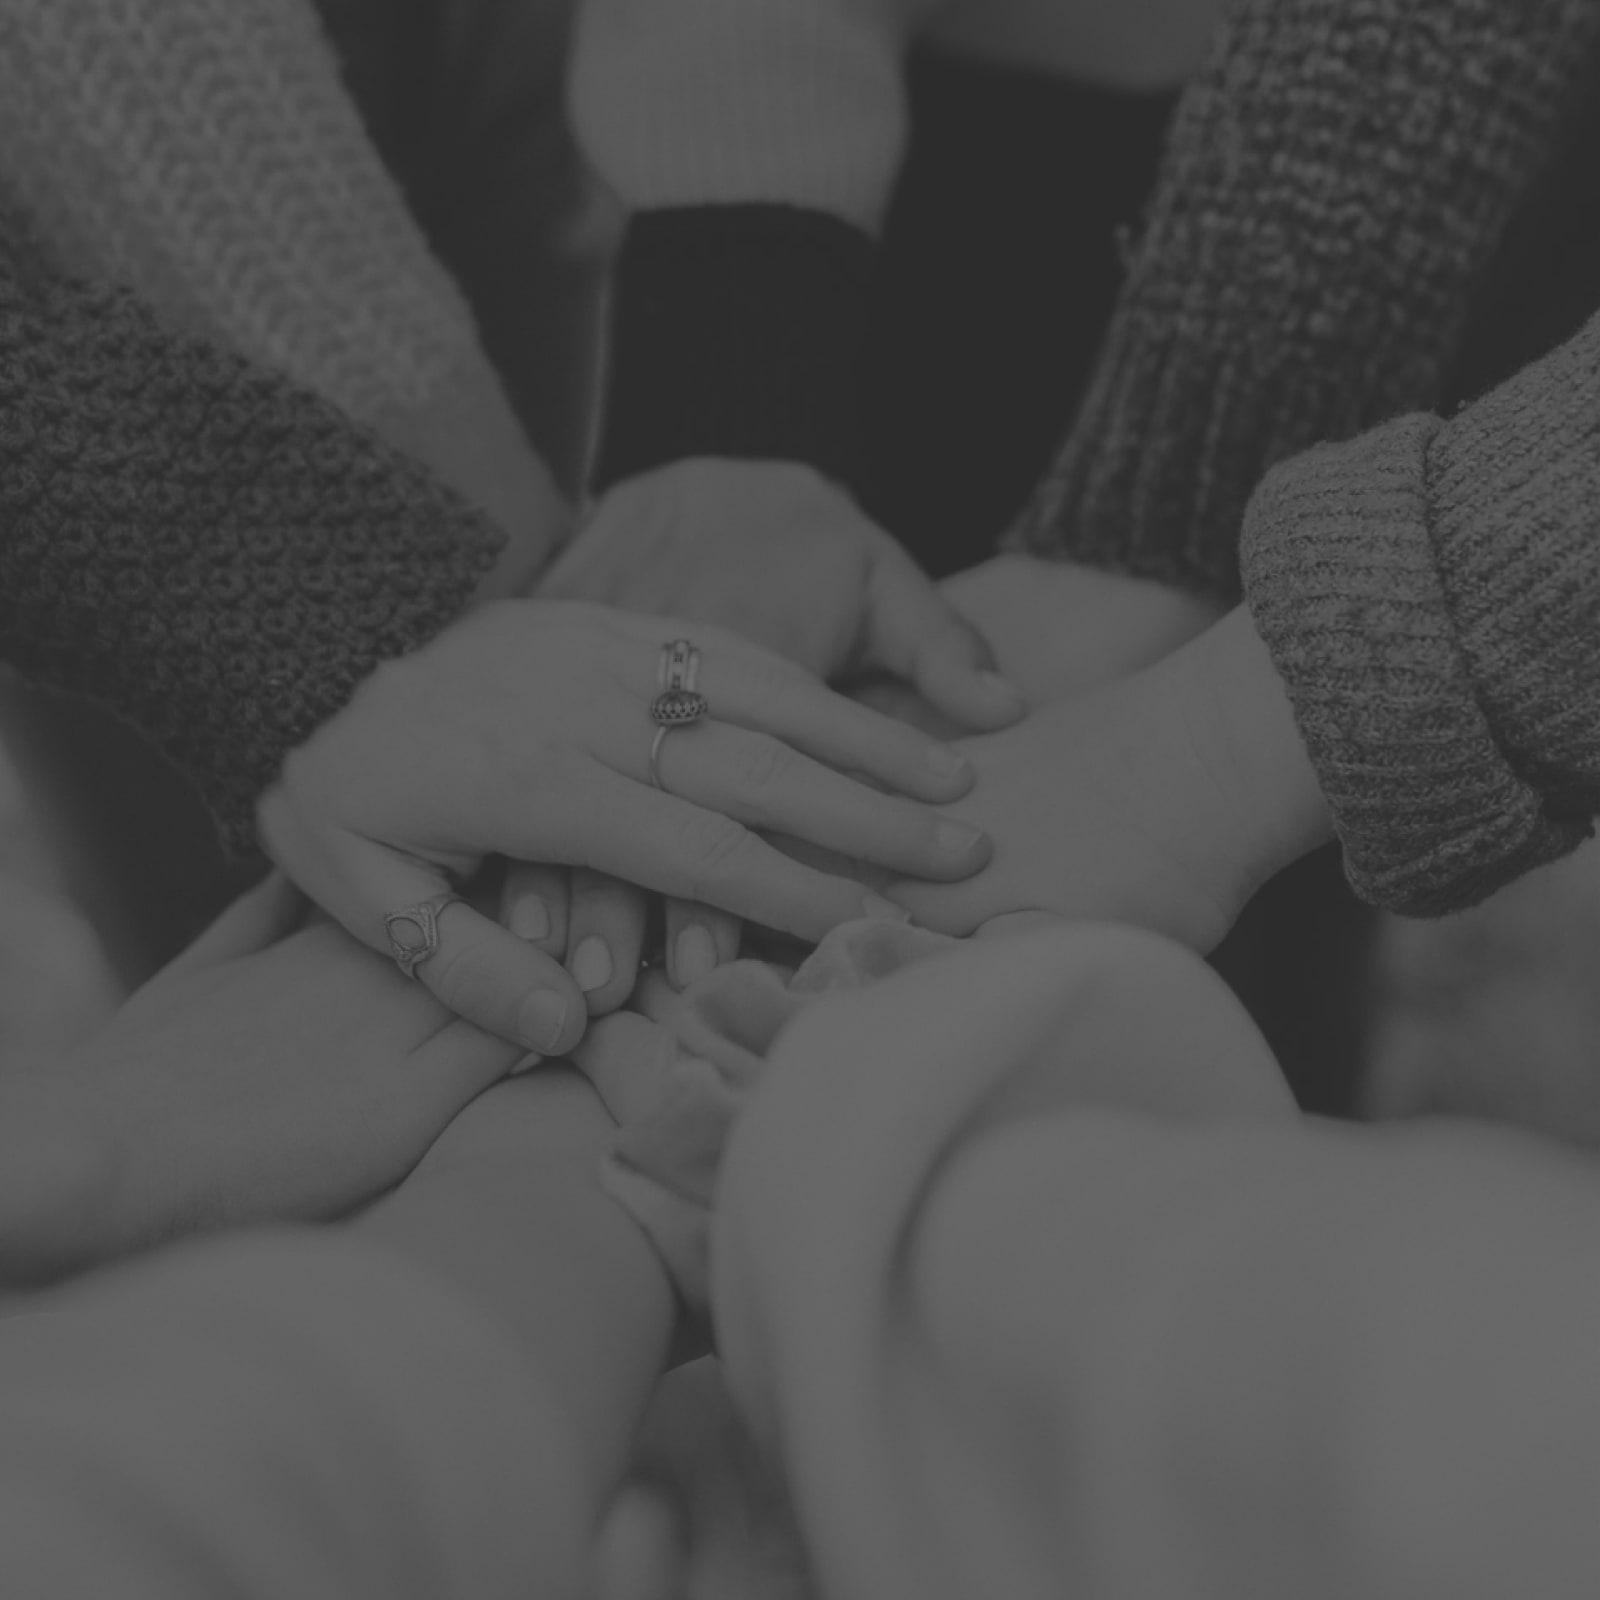 Motivace zaměstnanců je nezbytným prostředkem k udržení si cenných členů týmu, a tedy k lepším výsledkům Vaší firmy